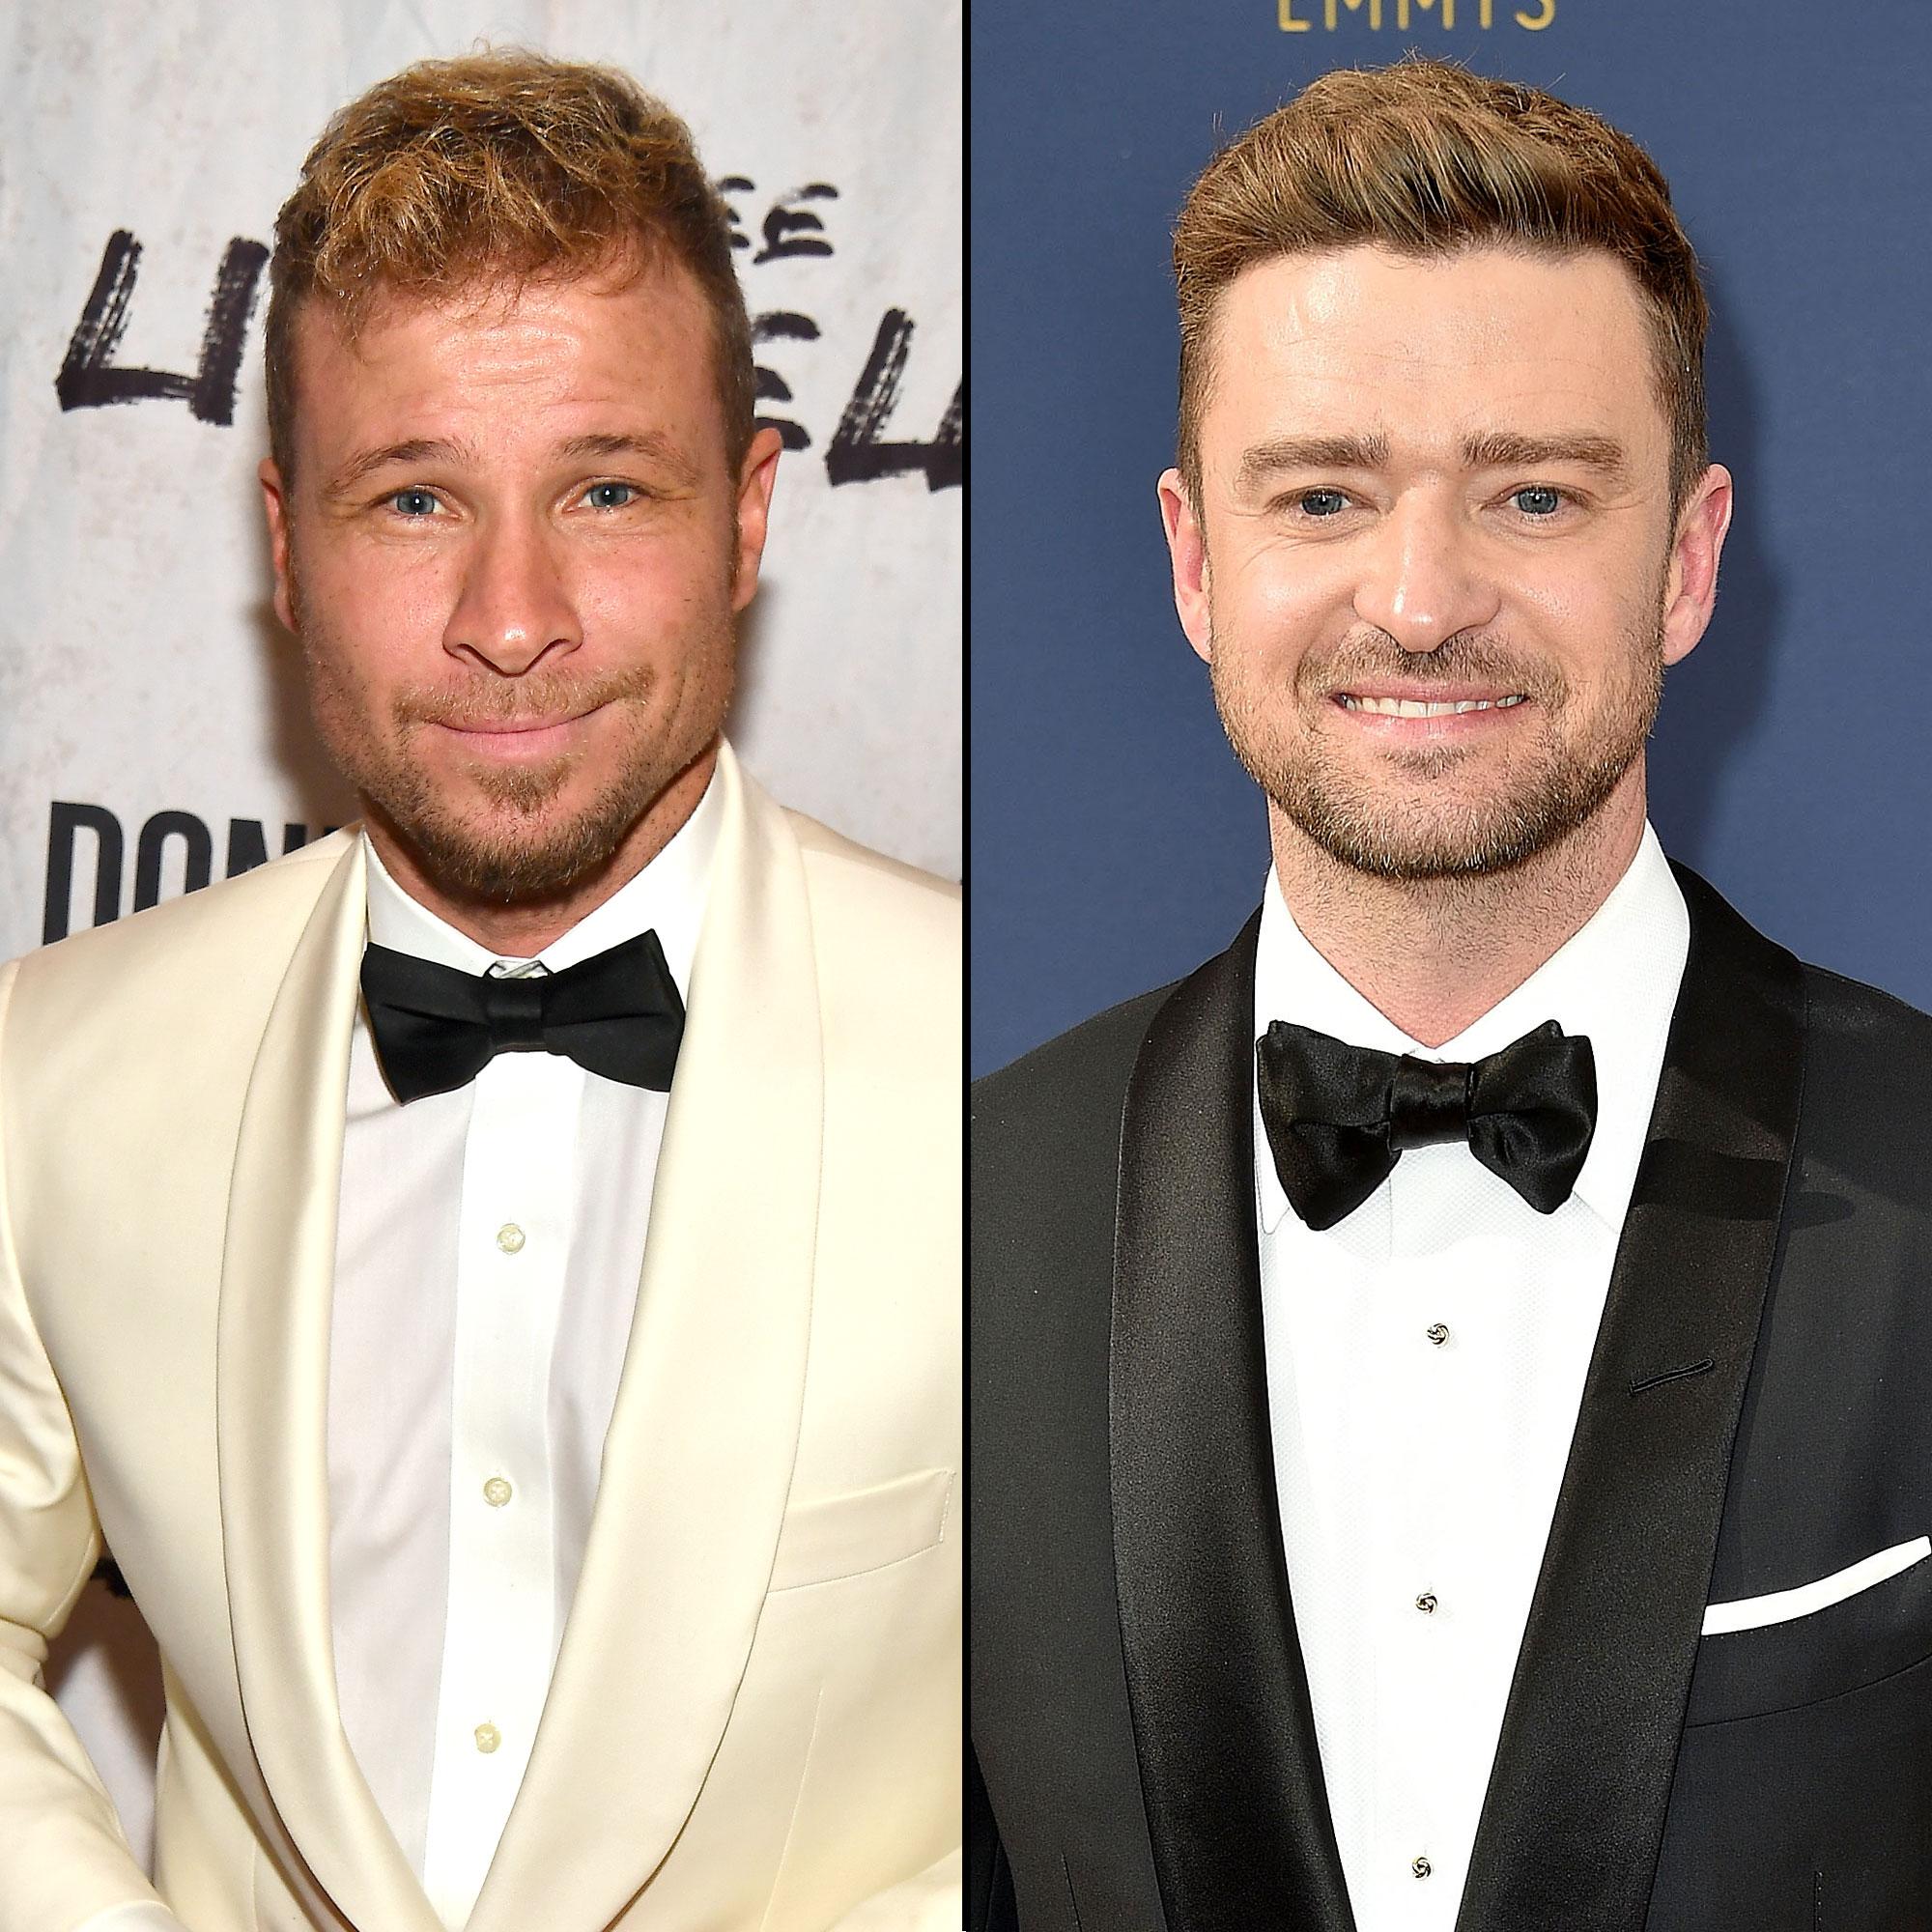 Brian Littrell Shades 'N Sync: They 'Definitely' Need Justin Timberlake - Brian Littrell and Justin Timberlake